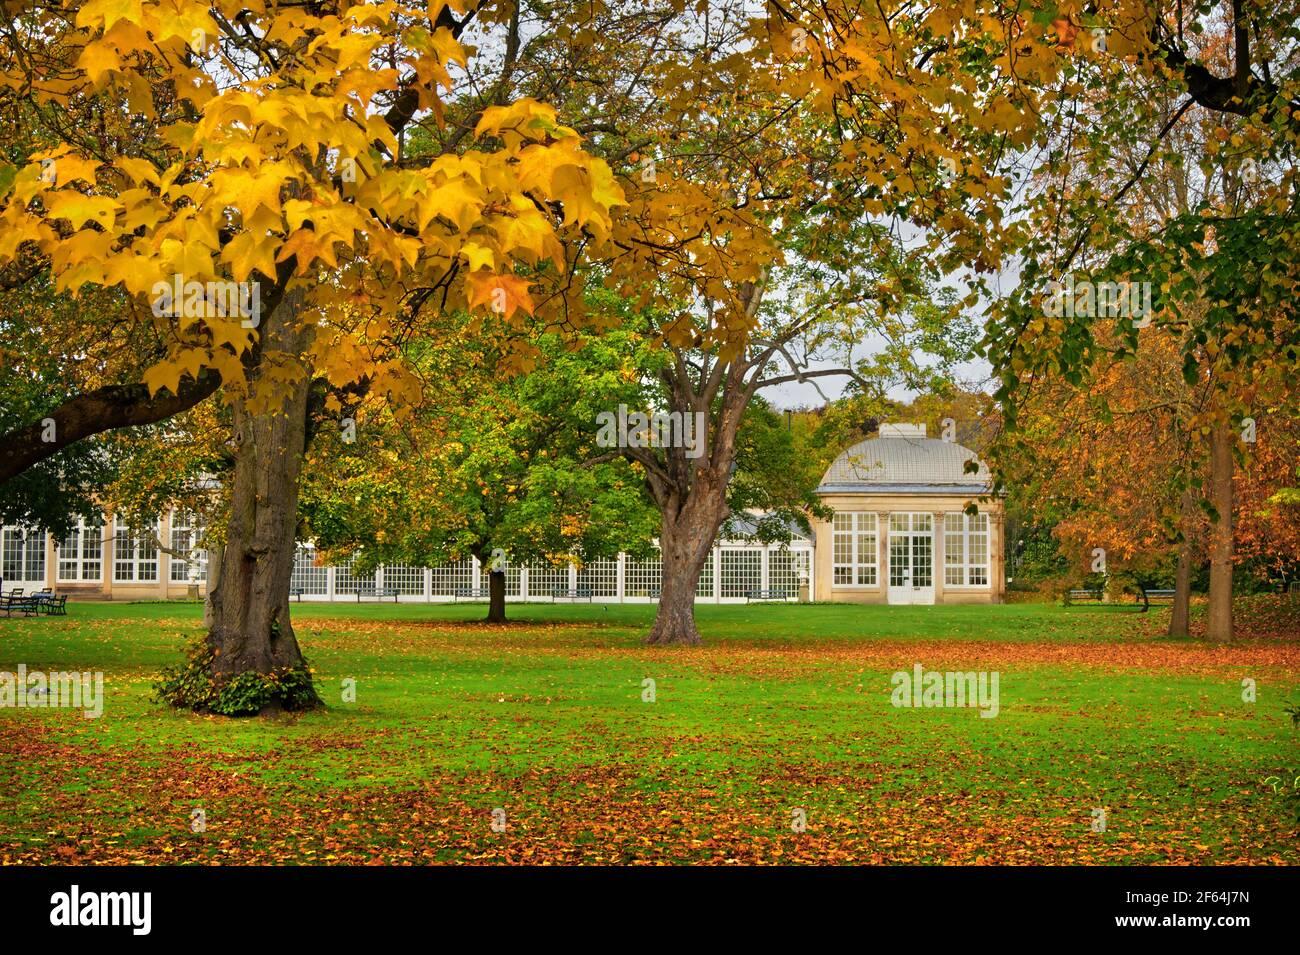 UK,South Yorkshire,Sheffield,Botanical Gardens et la maison de verre, au cours de l'automne Banque D'Images